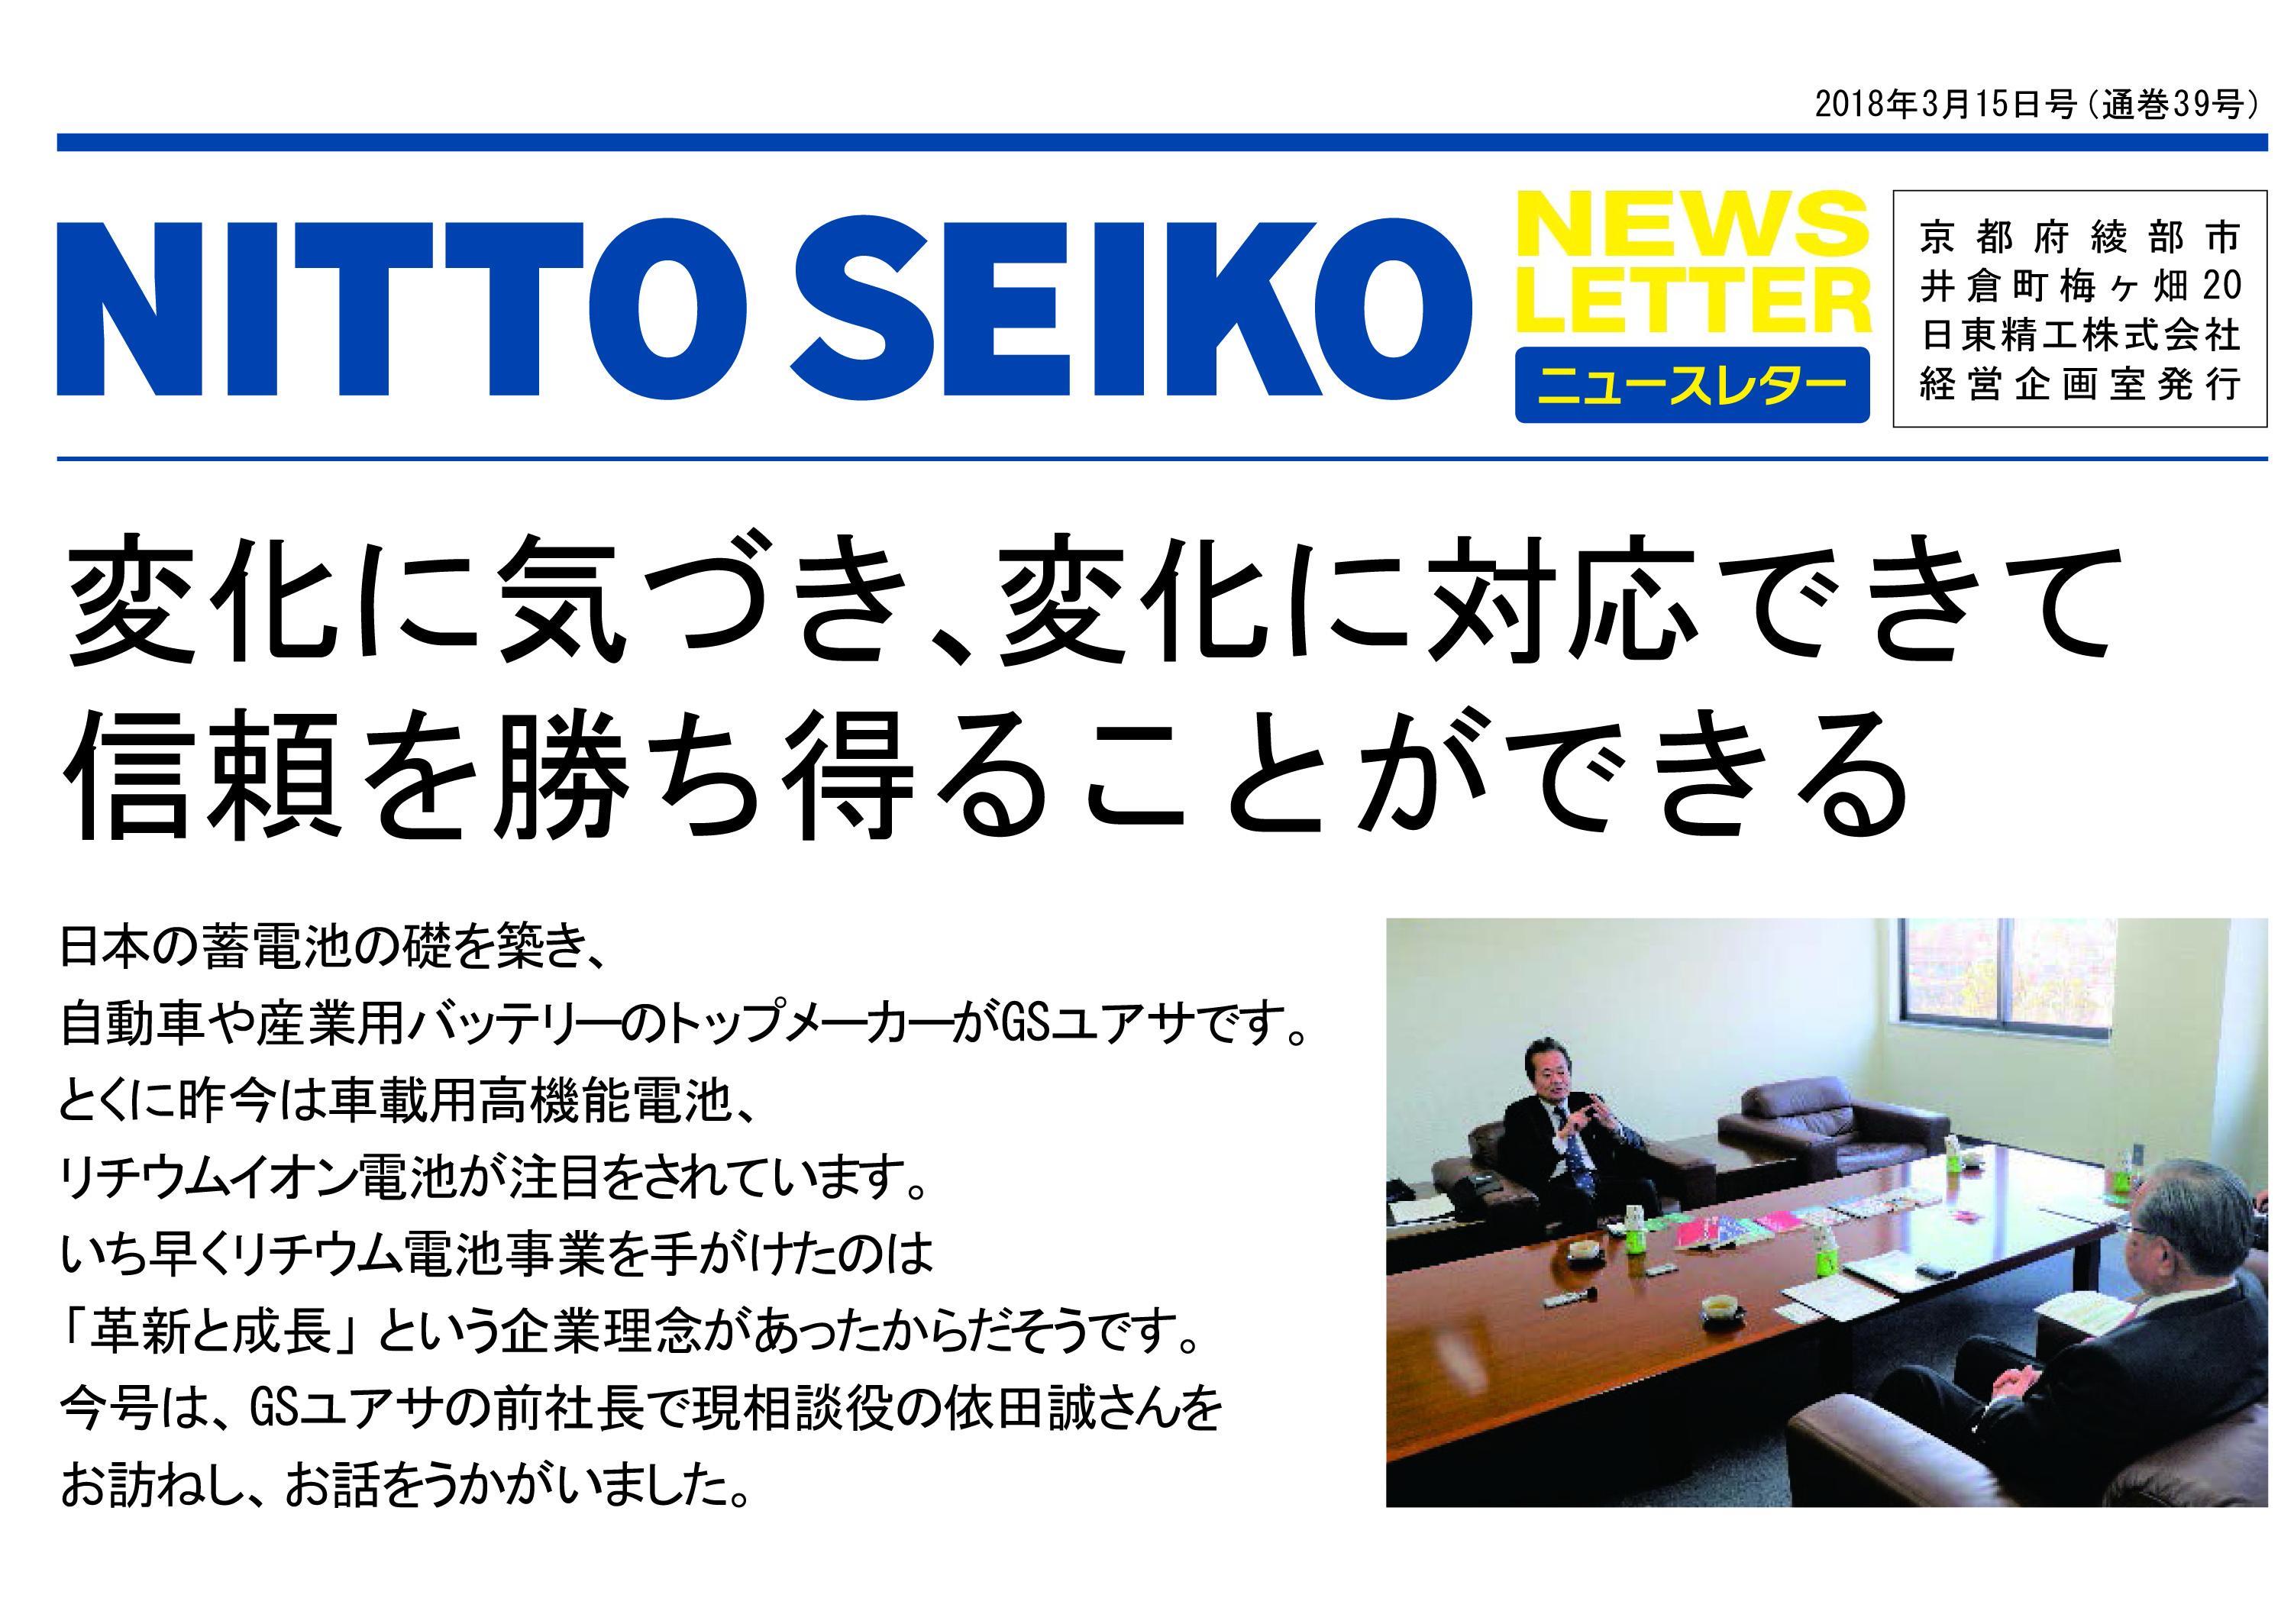 [ニュースレター・2018年3月号(第39号)】 GSユアサ相談役の依田誠さんのお話を伺いました。